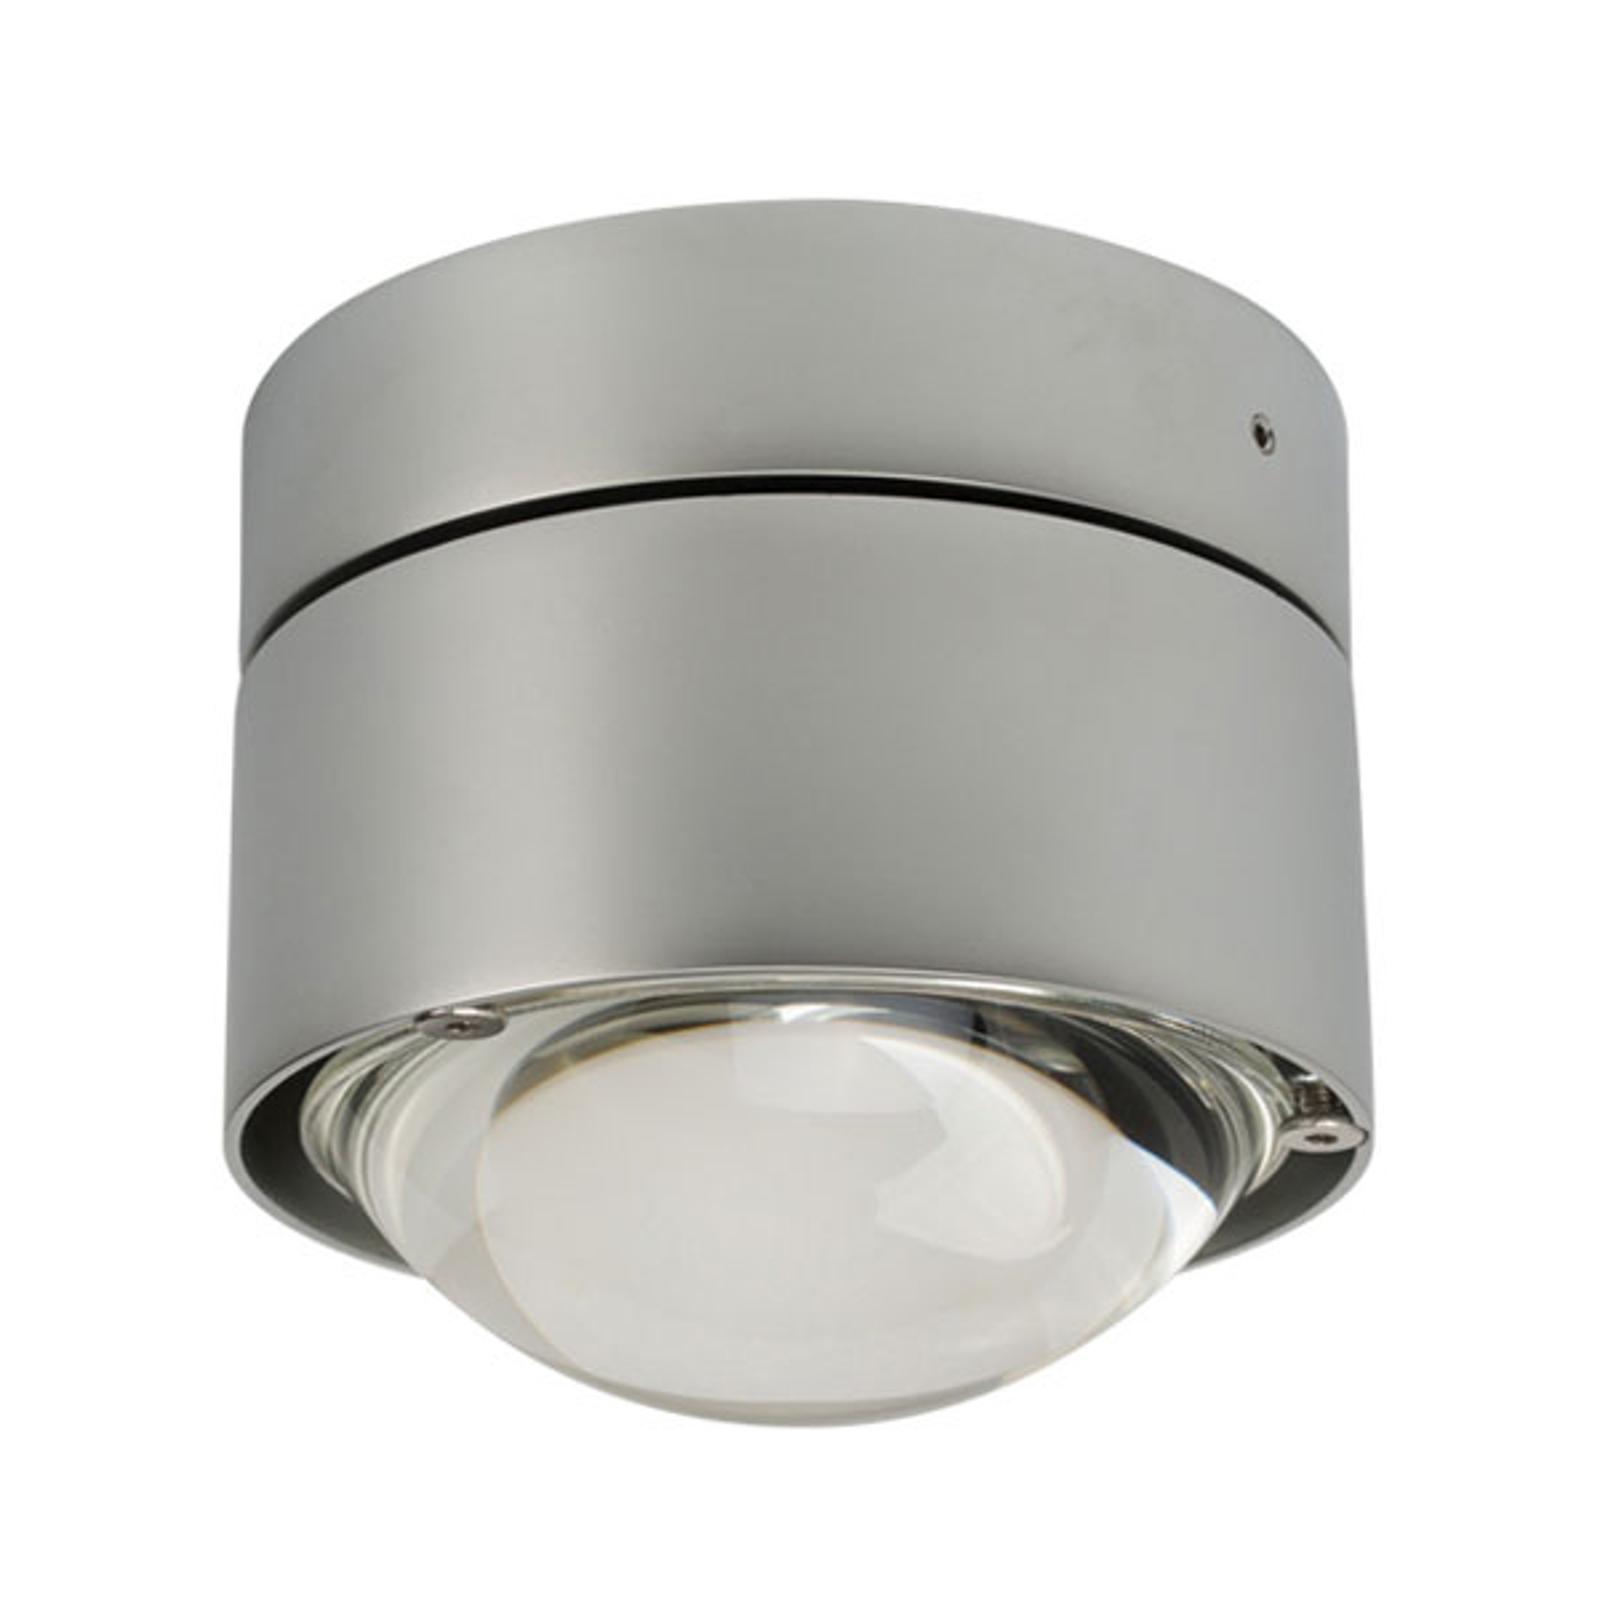 LED-ulkoseinälamppu Puk Outdoor Plus, matta kromi